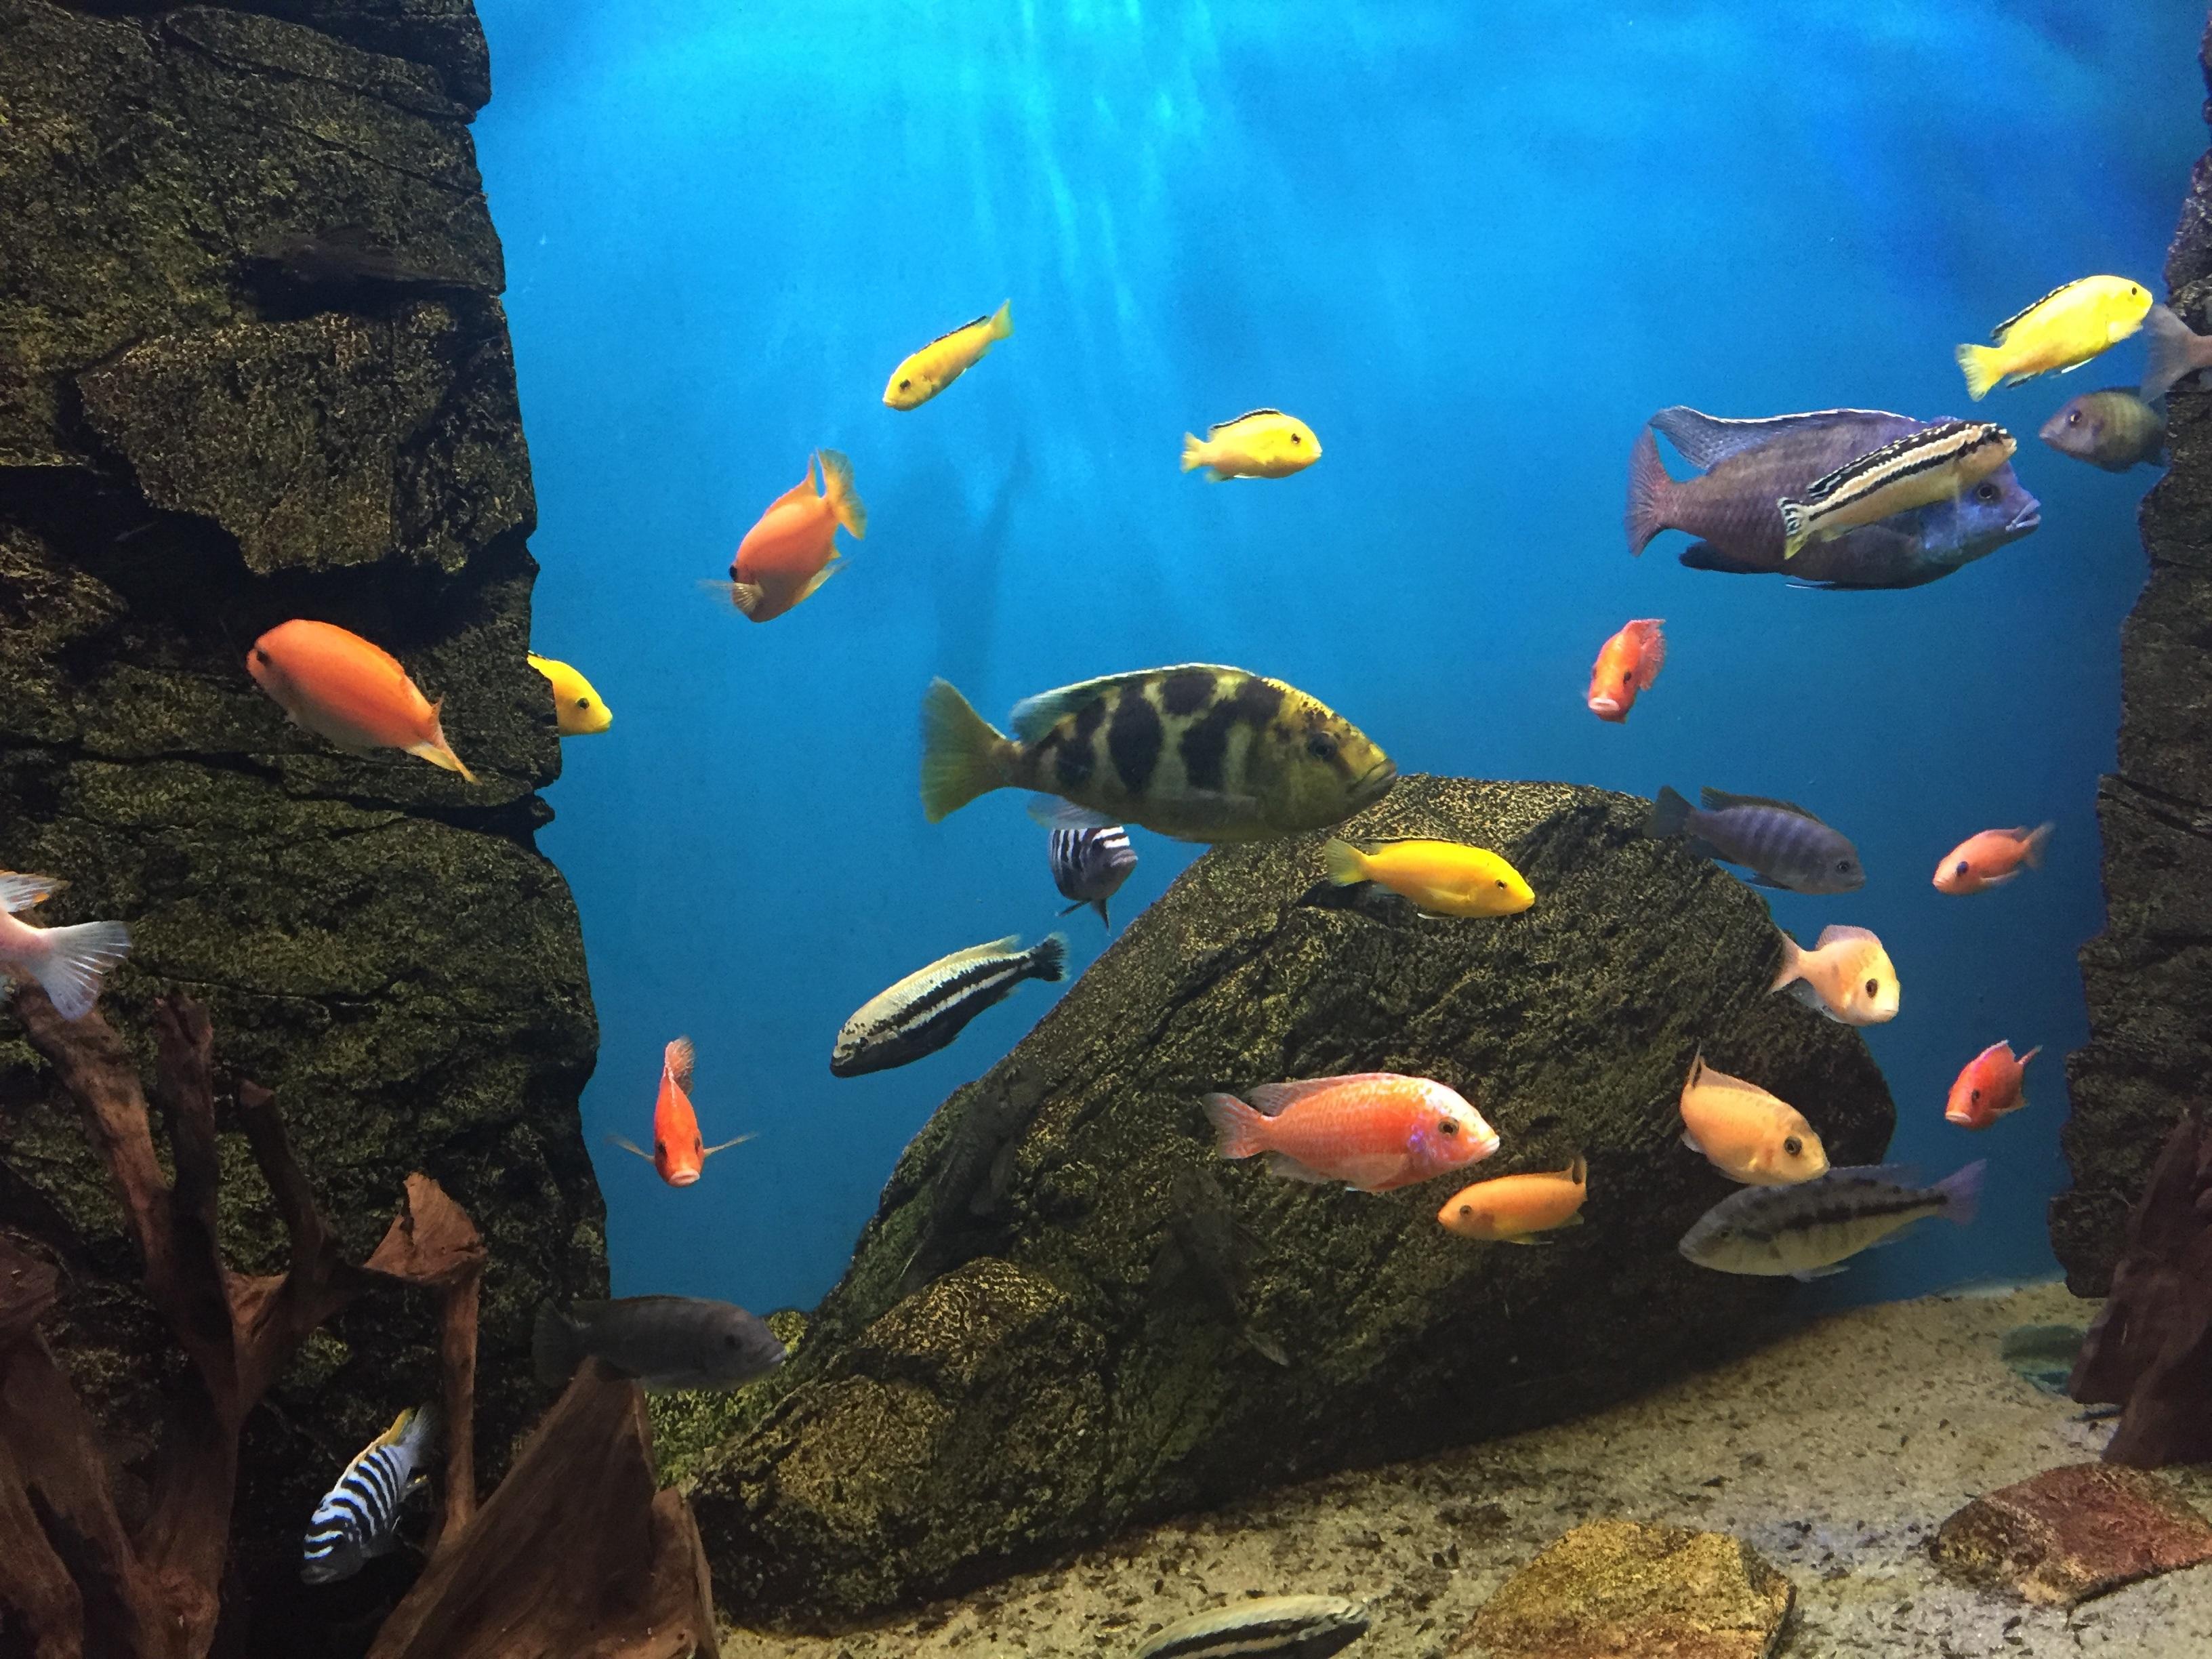 картинки с рыбами аквариумные жителей самары